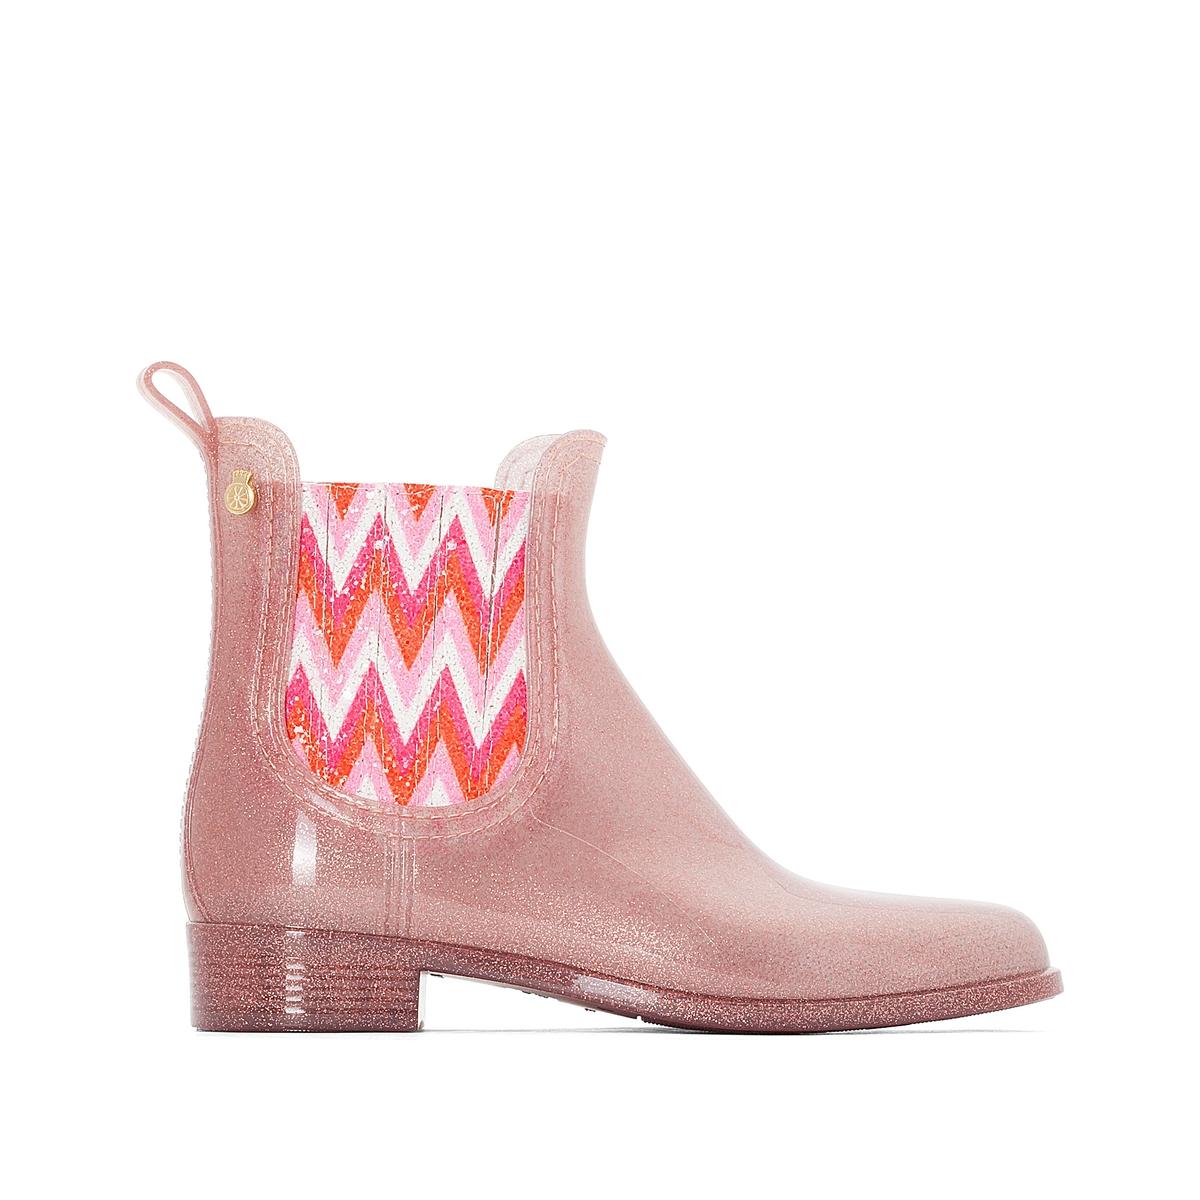 Сапоги резиновые HarperВерх : каучук   Подкладка : полиамид   Стелька : синтетика   Подошва : каучук   Высота каблука : 2 см   Форма каблука : плоский каблук   Мысок : закругленный мысок   Застежка : без застежки<br><br>Цвет: розовый